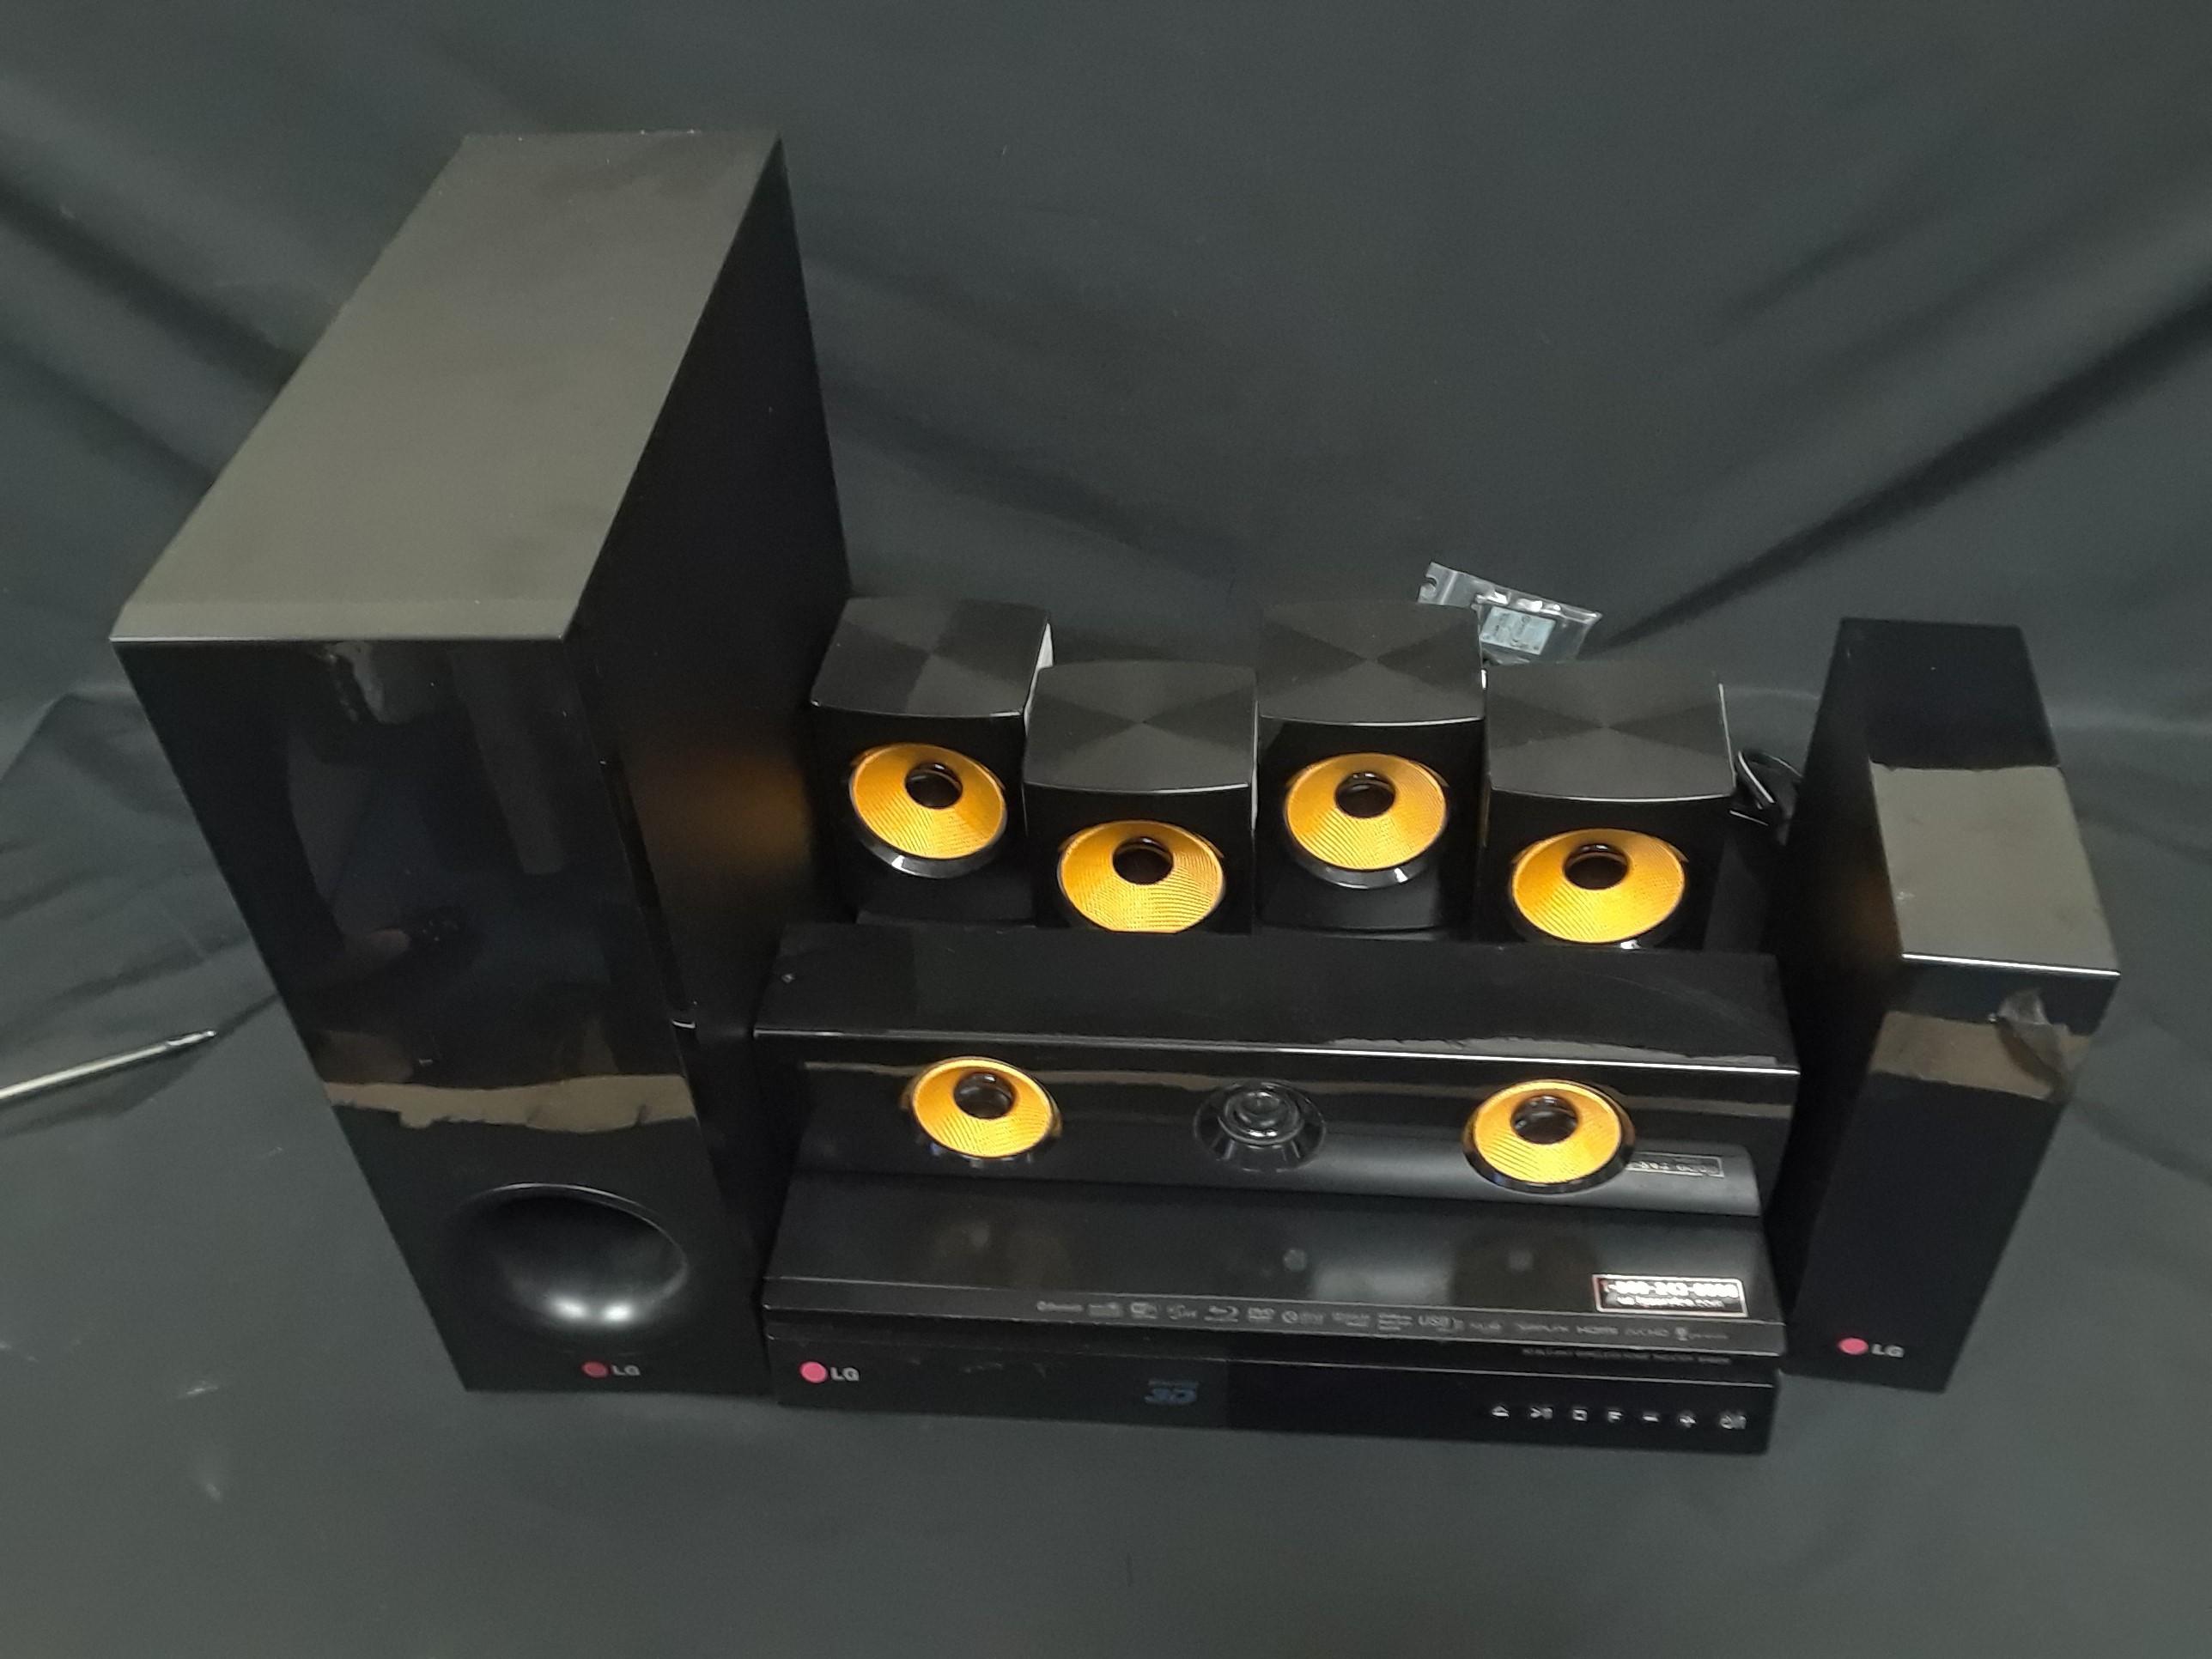 LG SURROUND SOUND - MODEL: BH6830SW